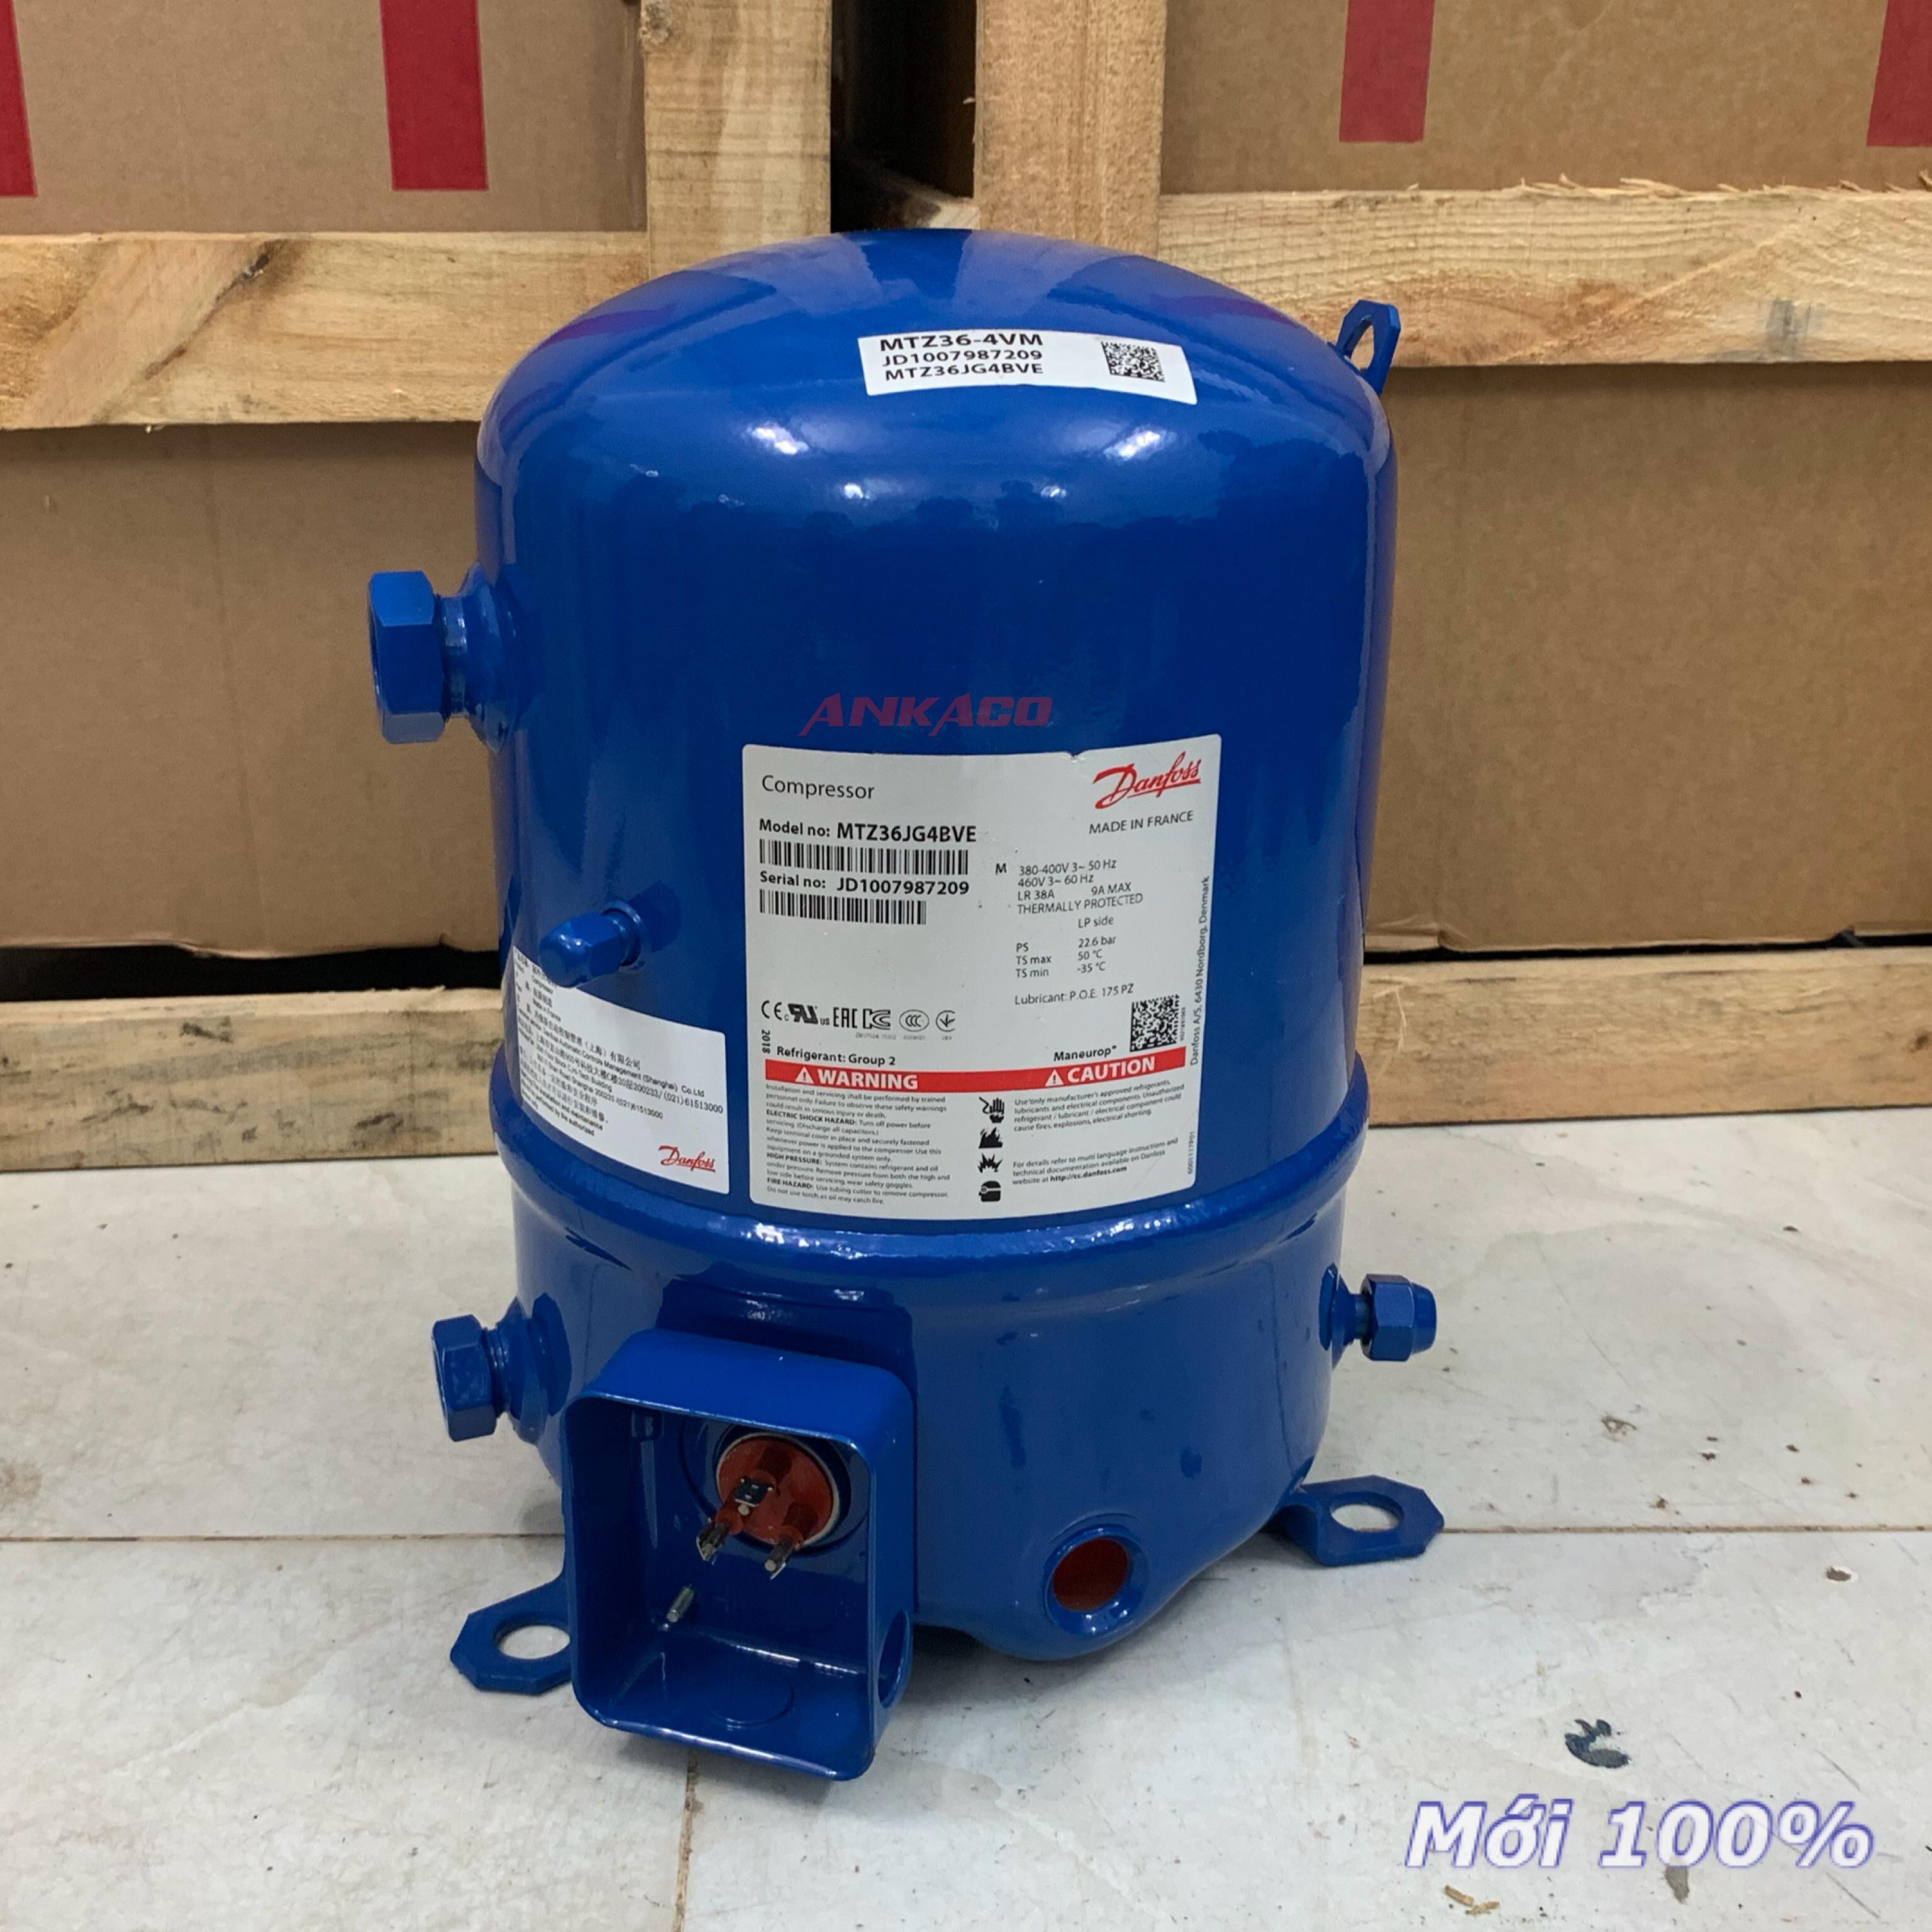 Phân phối block lạnh Danfoss piston 3 hp MTZ36JG4BVE giá tốt. LH 0912214283